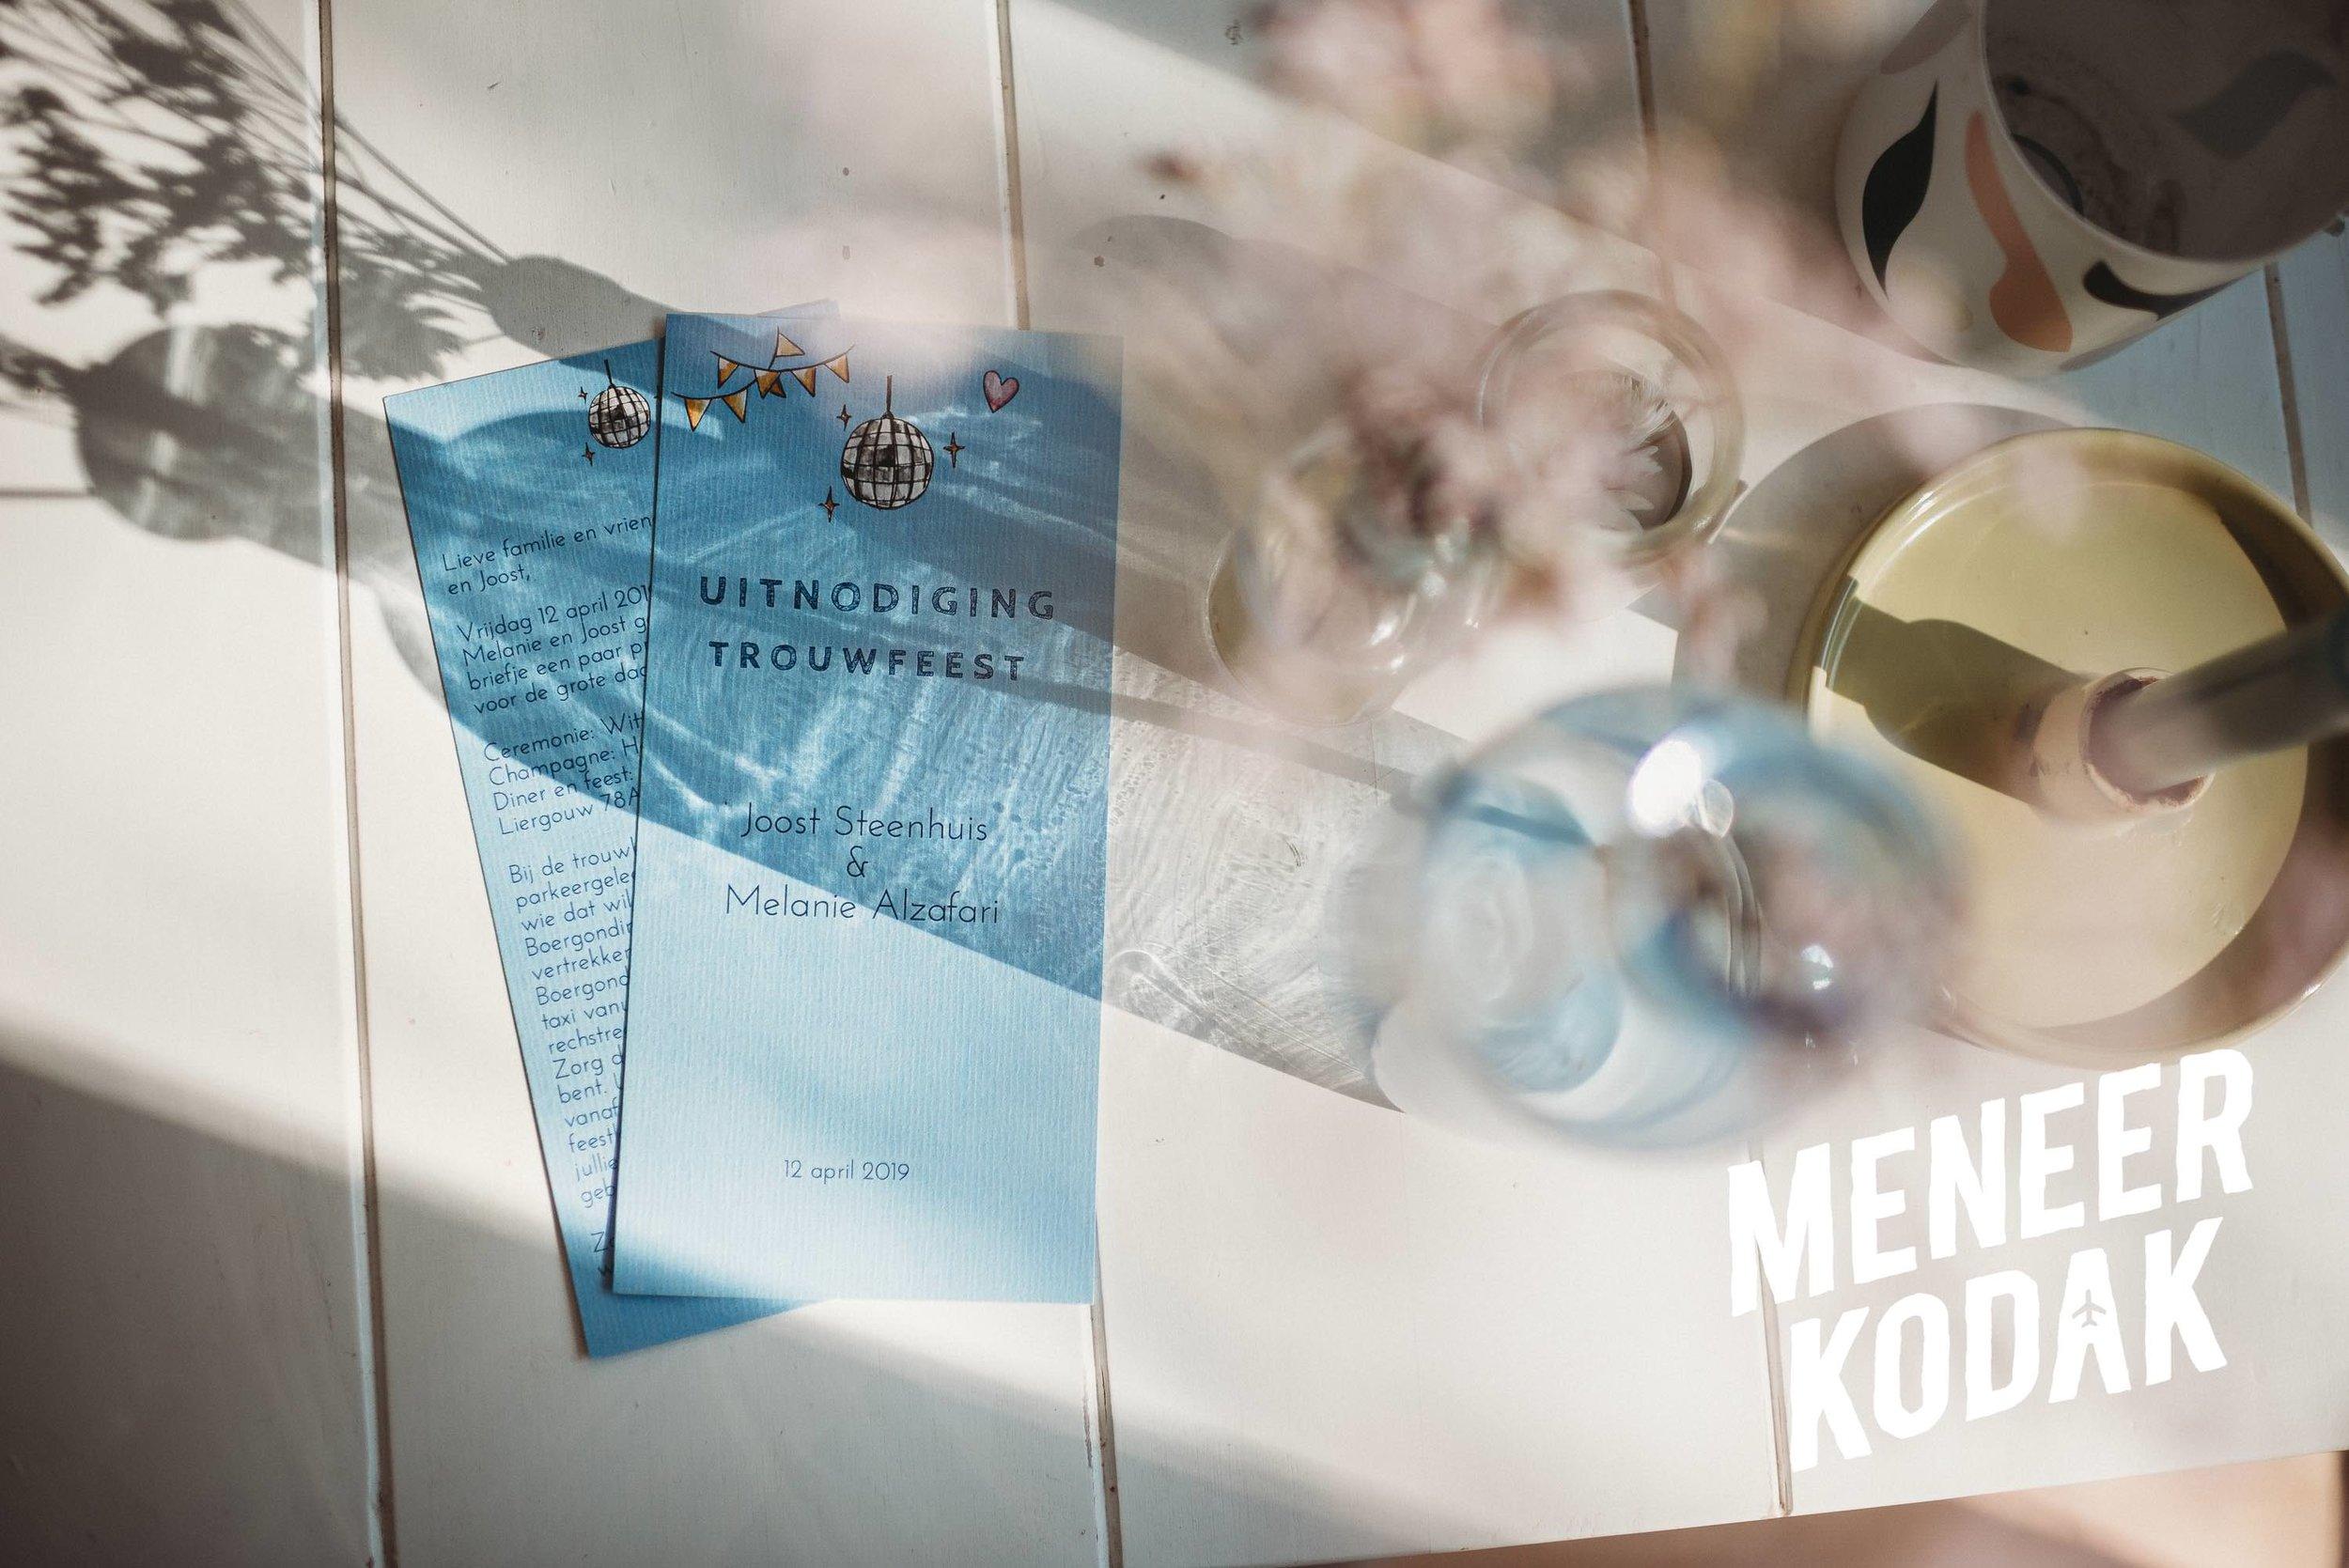 Meneer Kodak - Bruidsfotograaf - Amsterdam - M&J-001.jpg